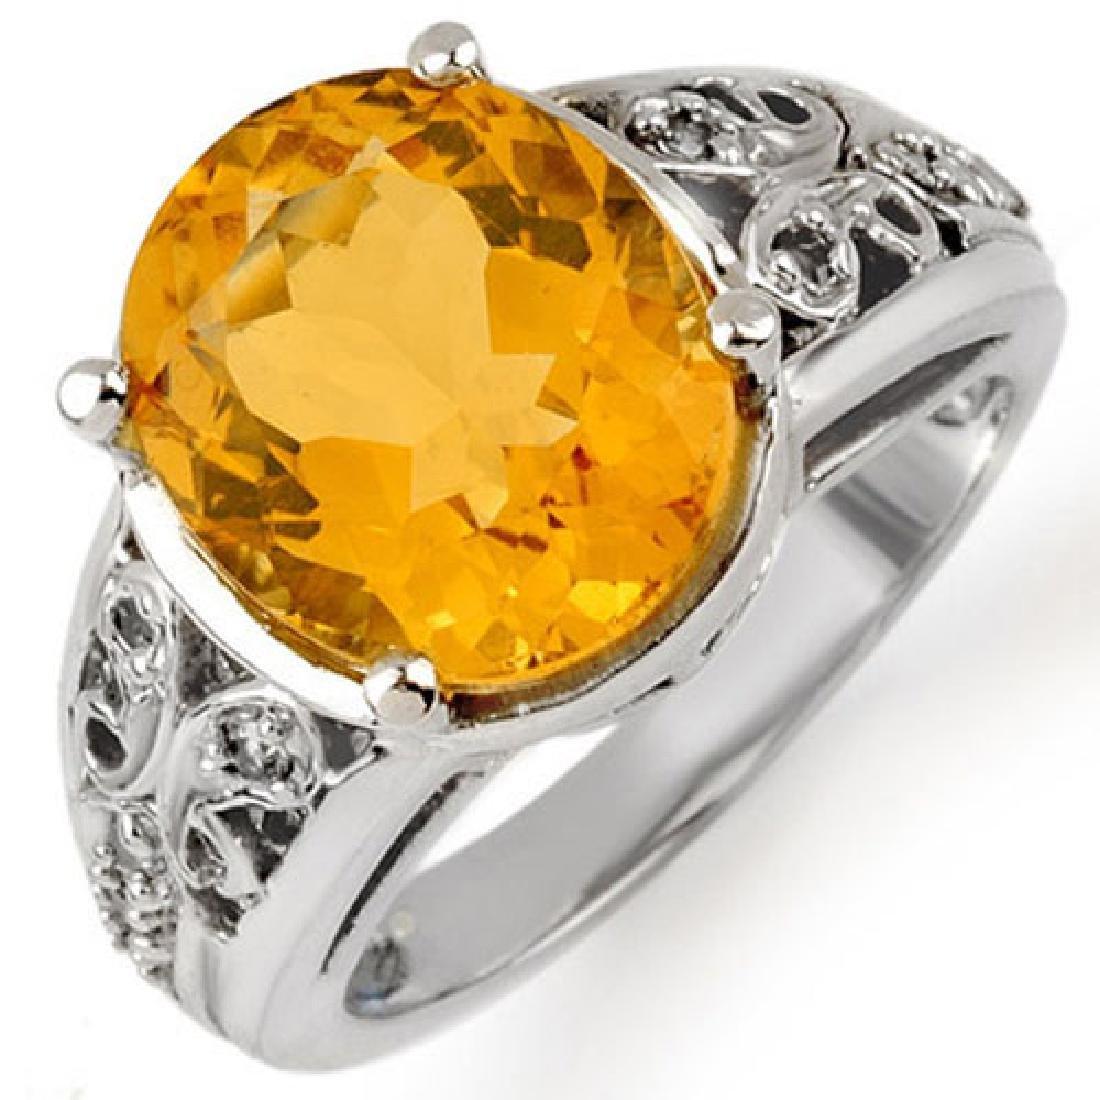 5.15 CTW Citrine & Diamond Ring 10K White Gold